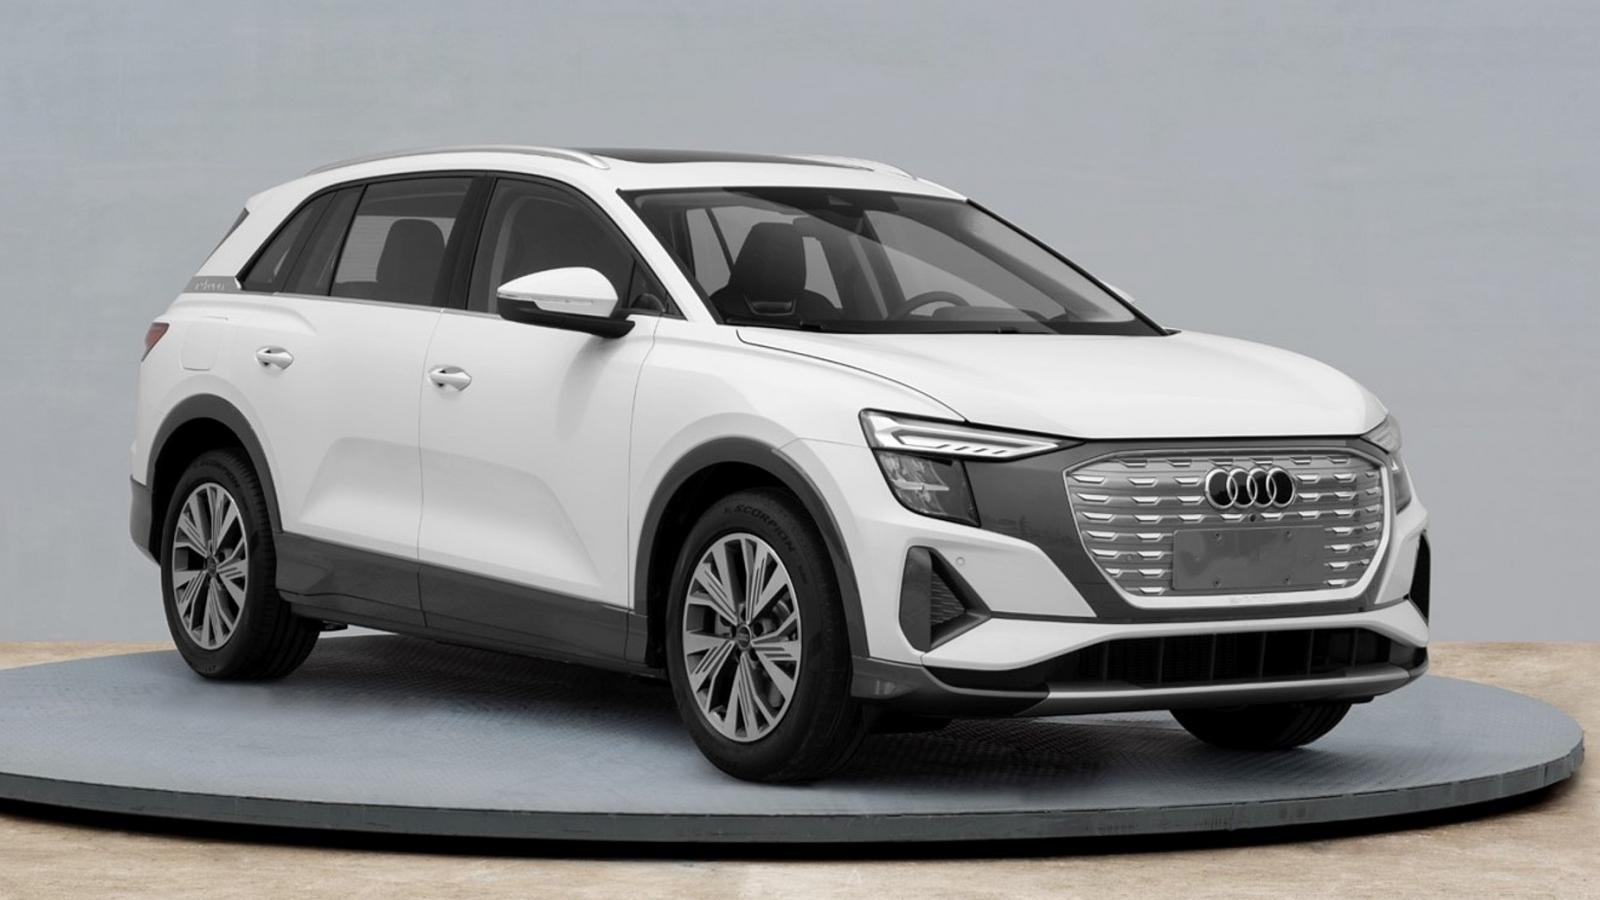 """Hình ảnh Audi Q5 e-tron 2022 """"rò rỉ"""" tại Trung Quốc"""